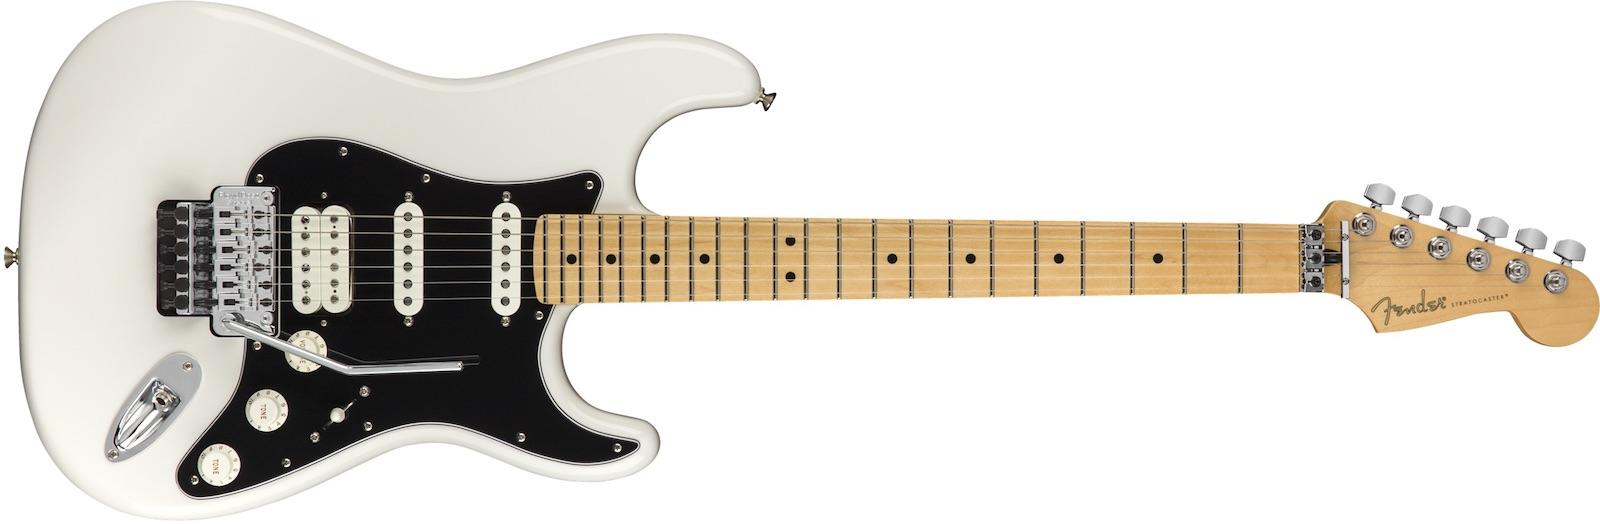 【新品】Fender Player Stratocaster Floyd Rose HSS Maple Fingerboard ~Polar White~【お取り寄せ】【送料無料】【池袋店】